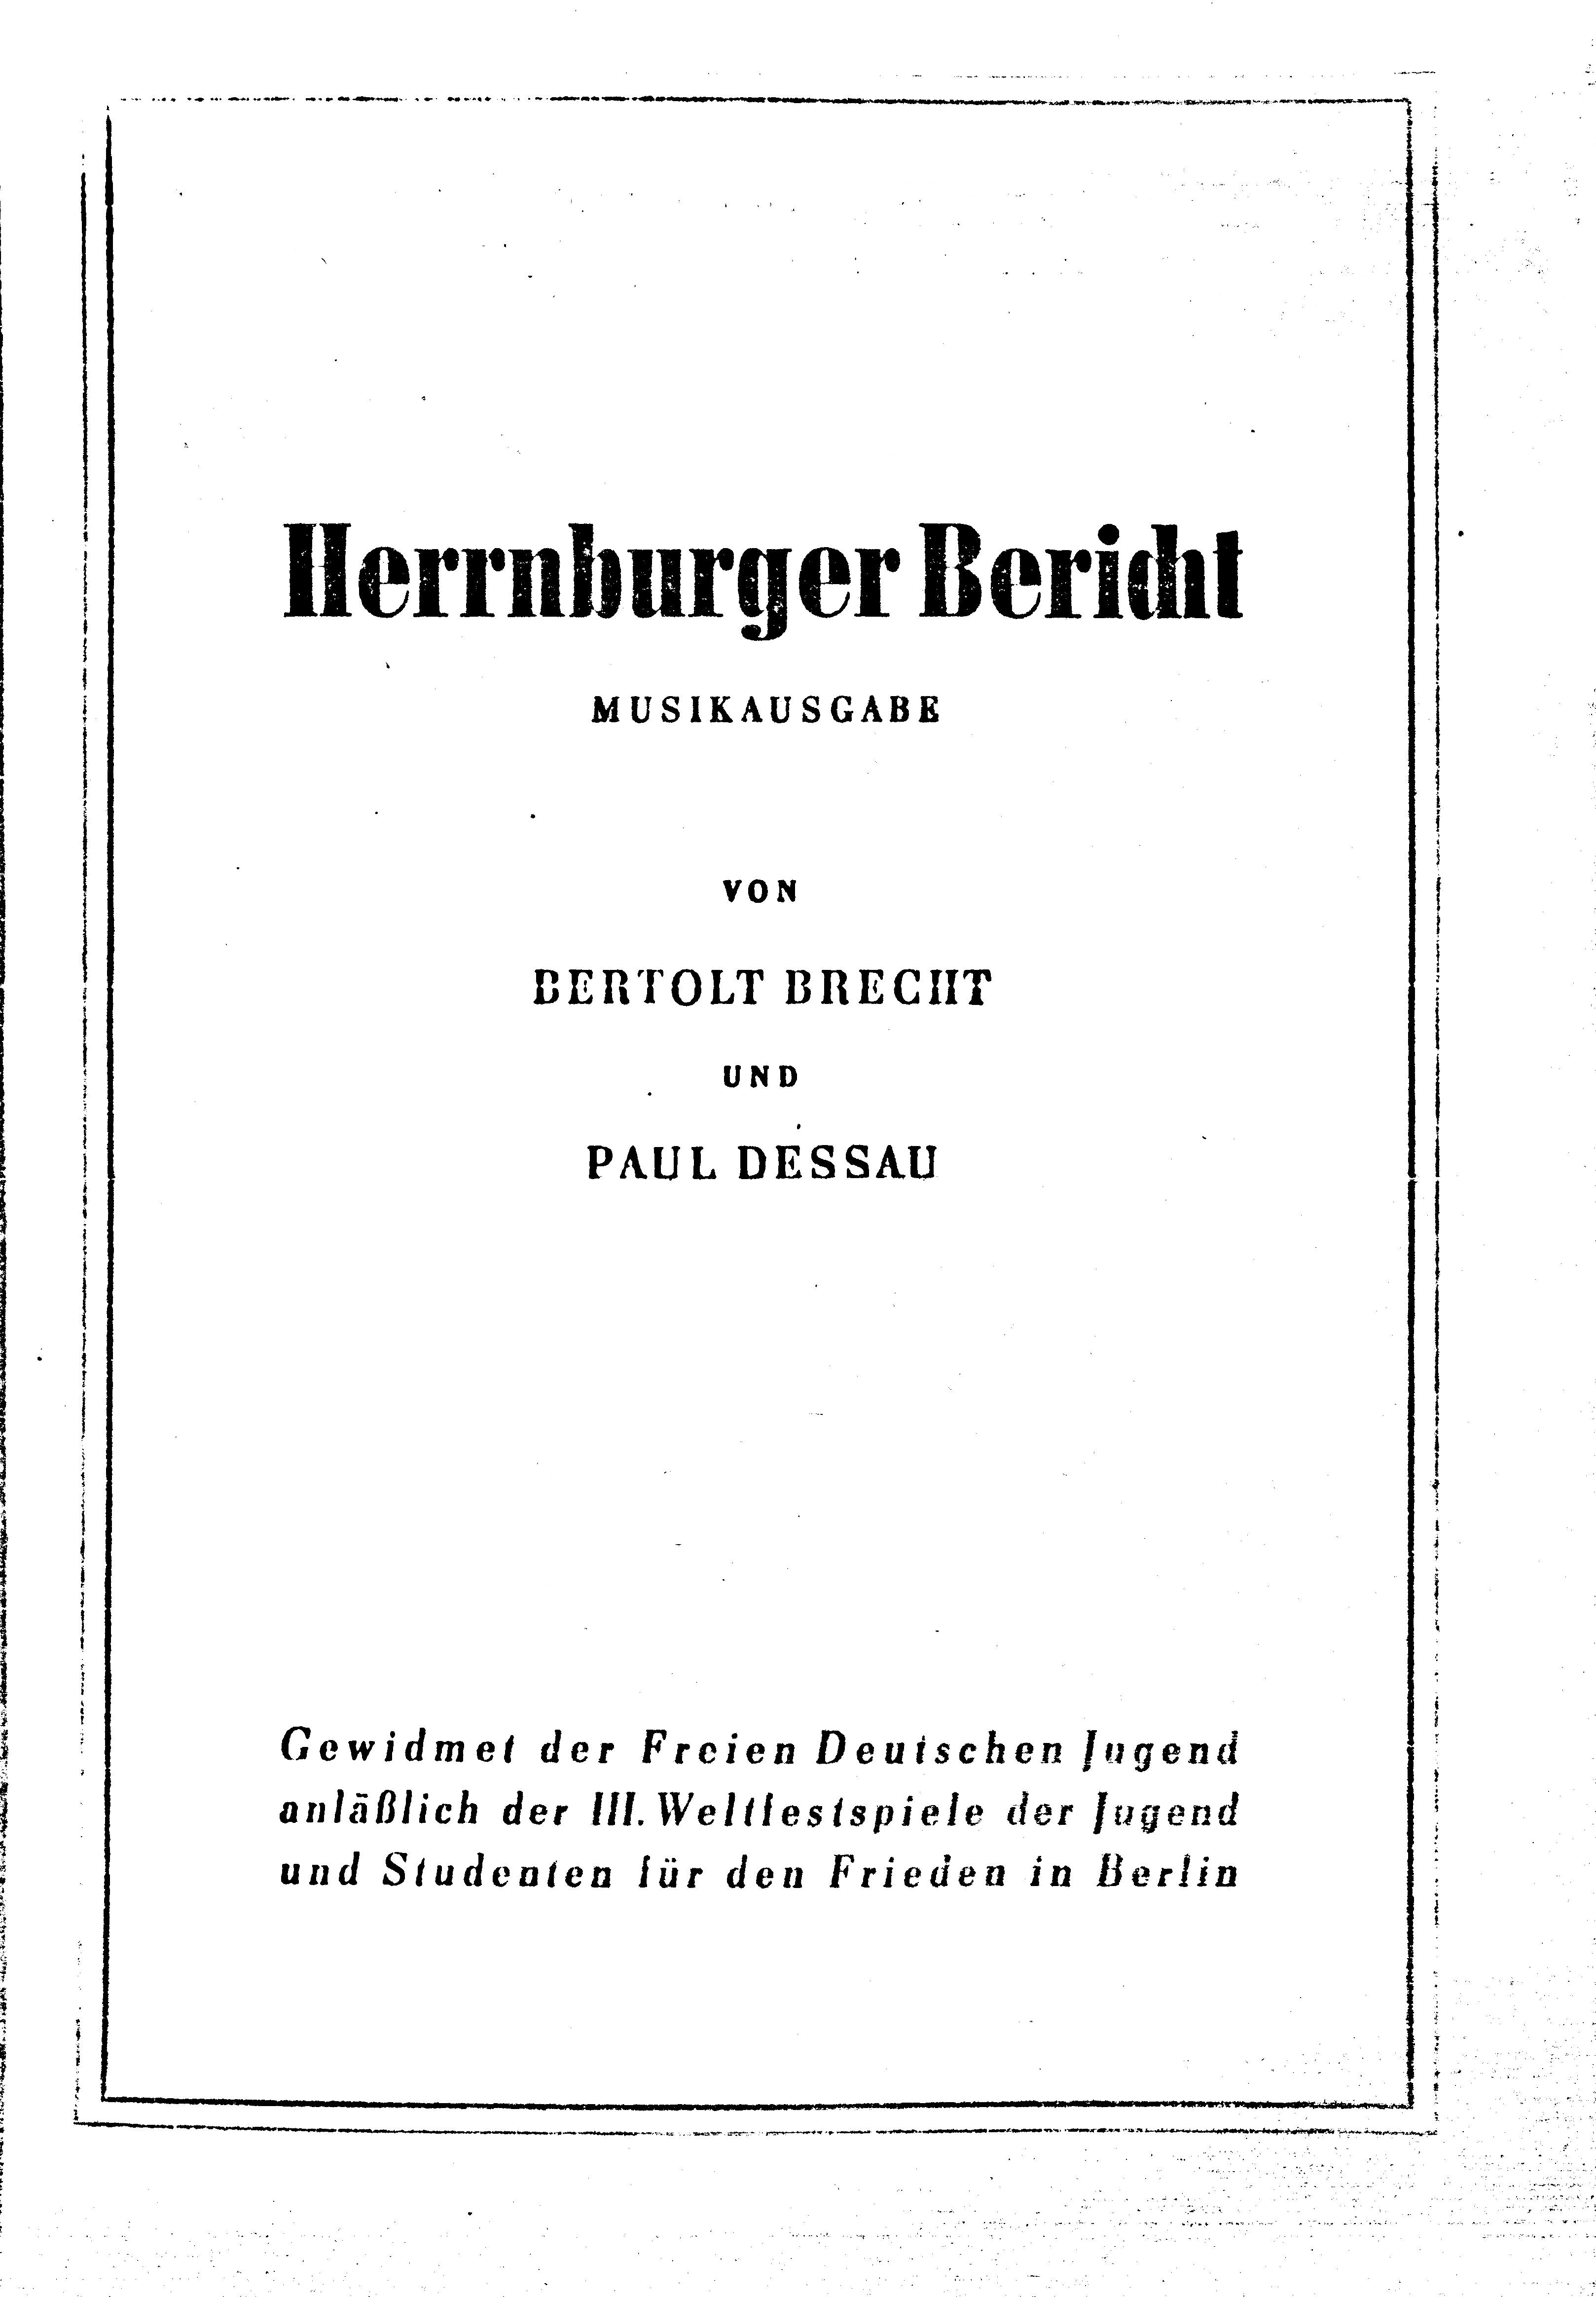 """Herrnburger Bericht"""" wiedergelesen – Theatermarginalien"""